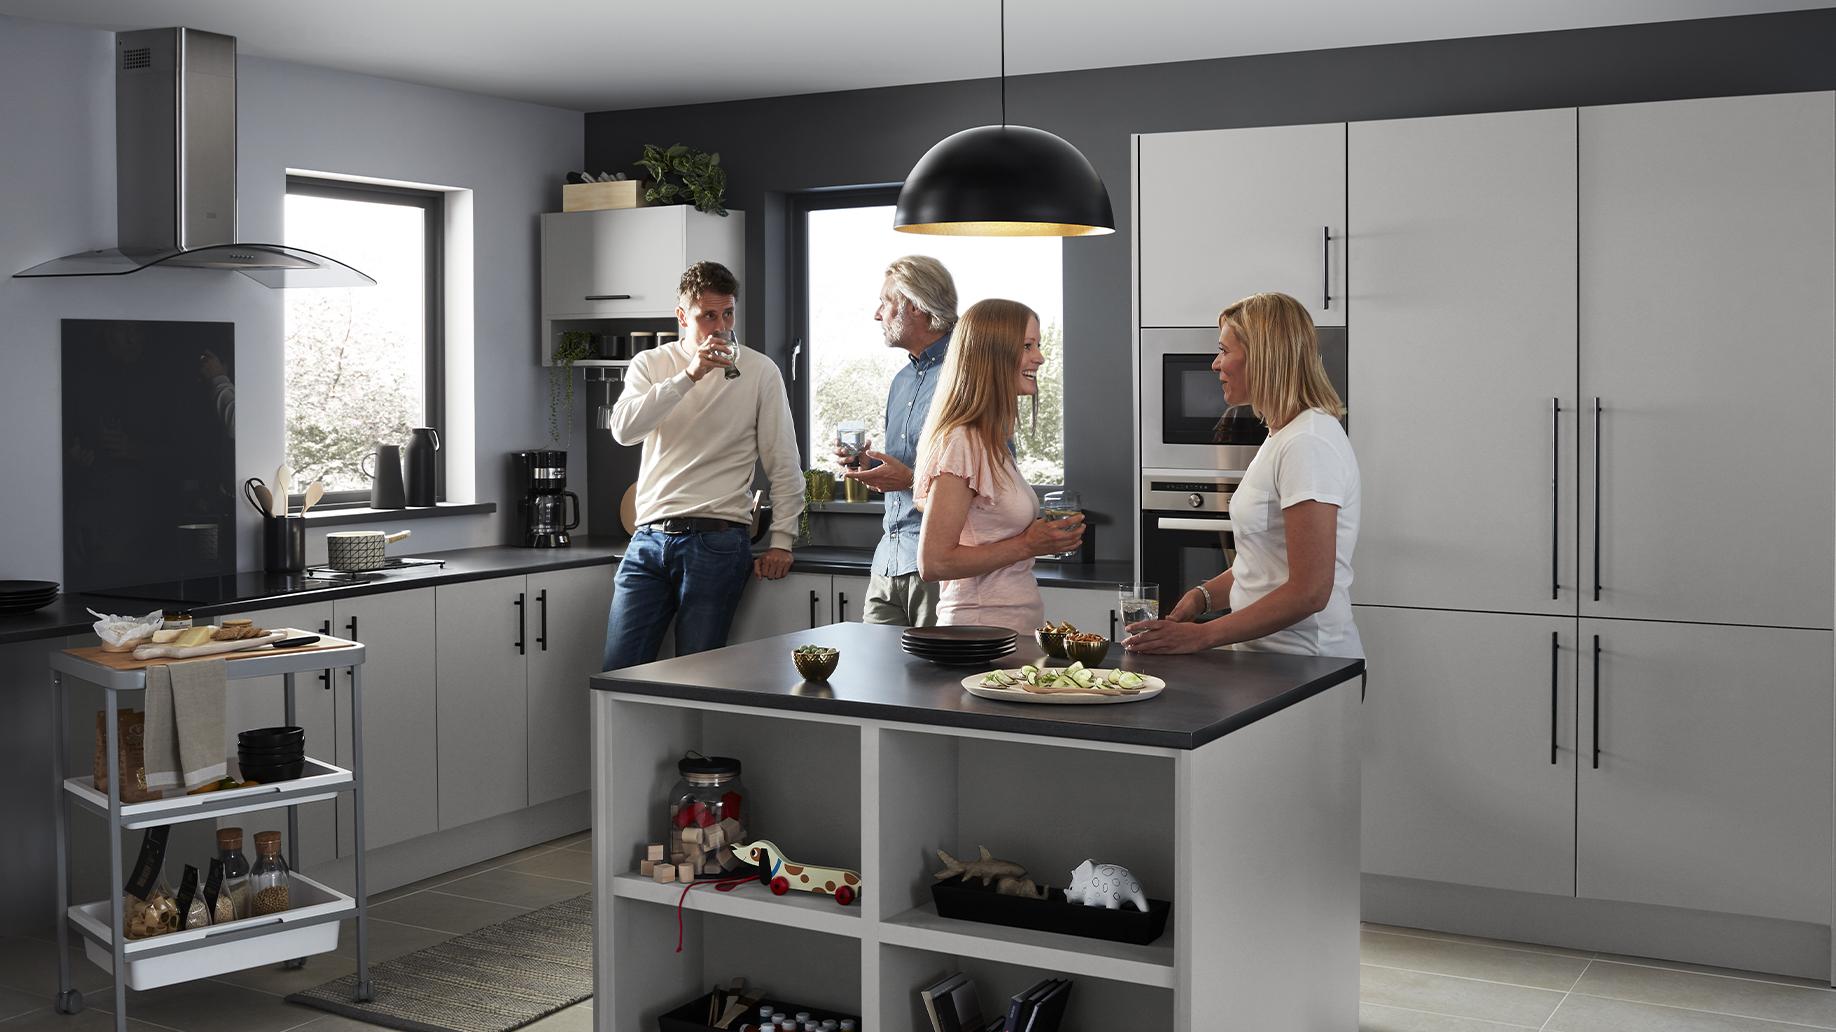 ¡Que se haga la luz! 💡 Aprende a iluminar tu cocina